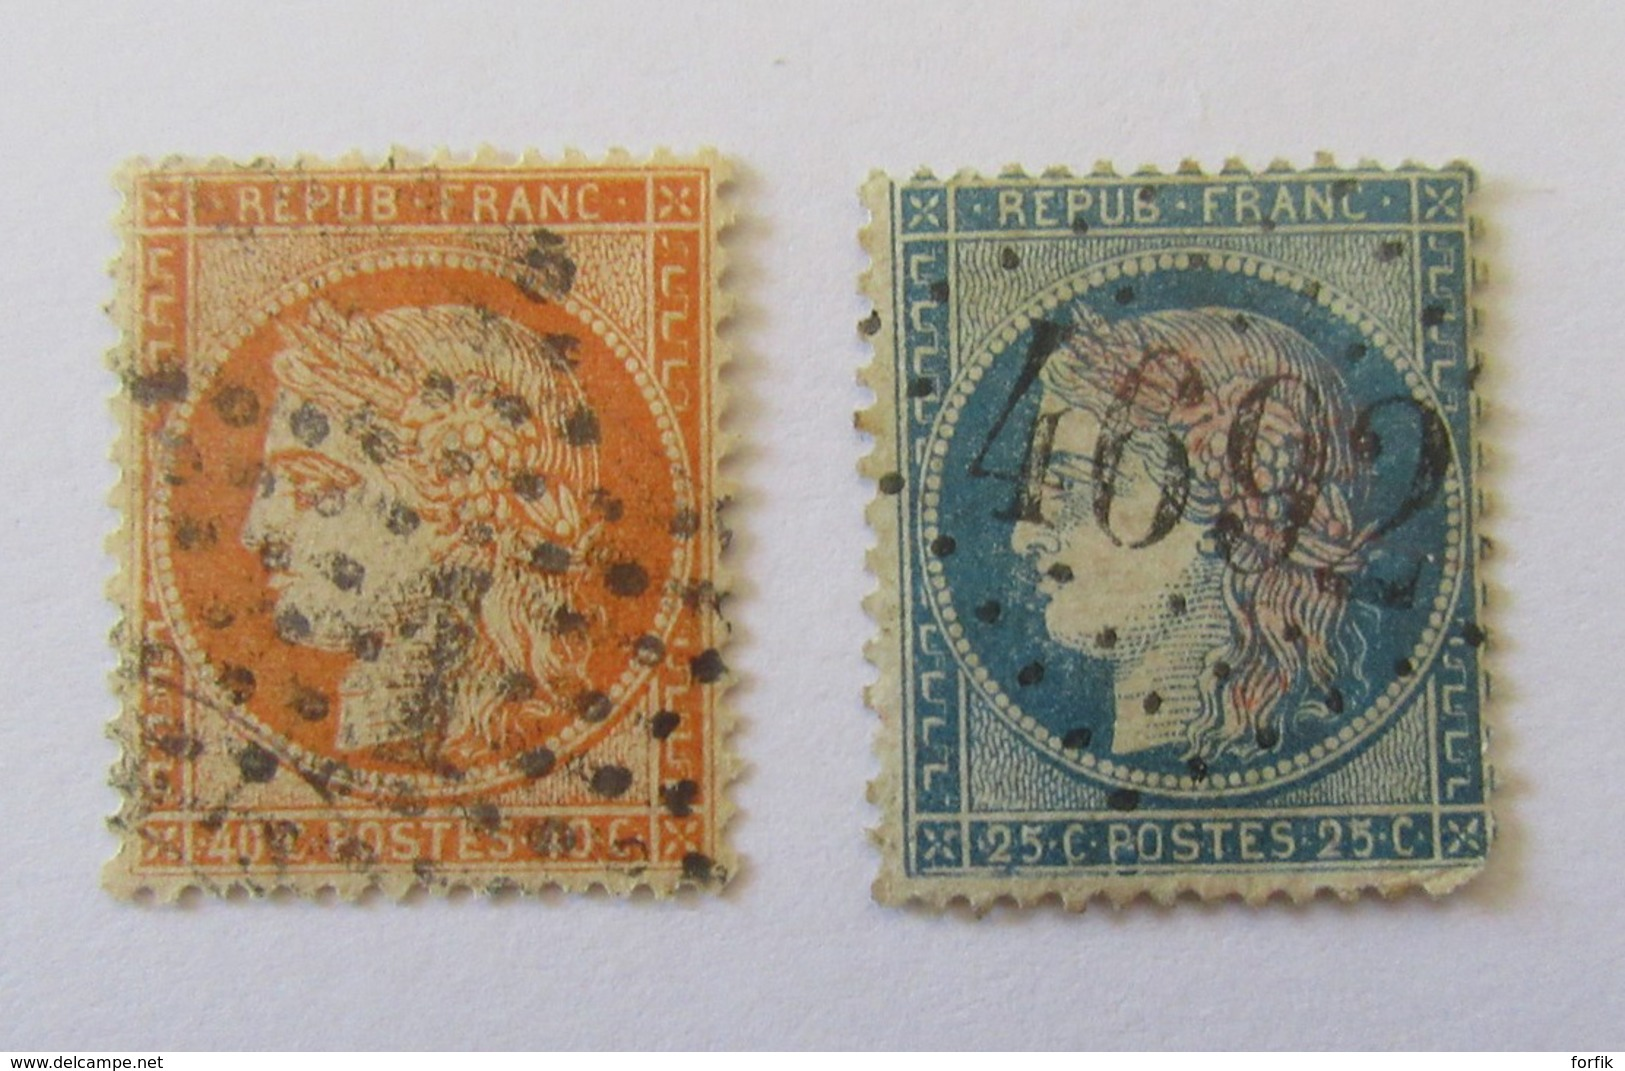 France - 2 Timbres Cérès 40c YT N°38 Ob. Etoile Chiffrée 1 + 25c YT N°60A Ob. GC 4692 (Baixas, Pyrénées-Orientales) - France